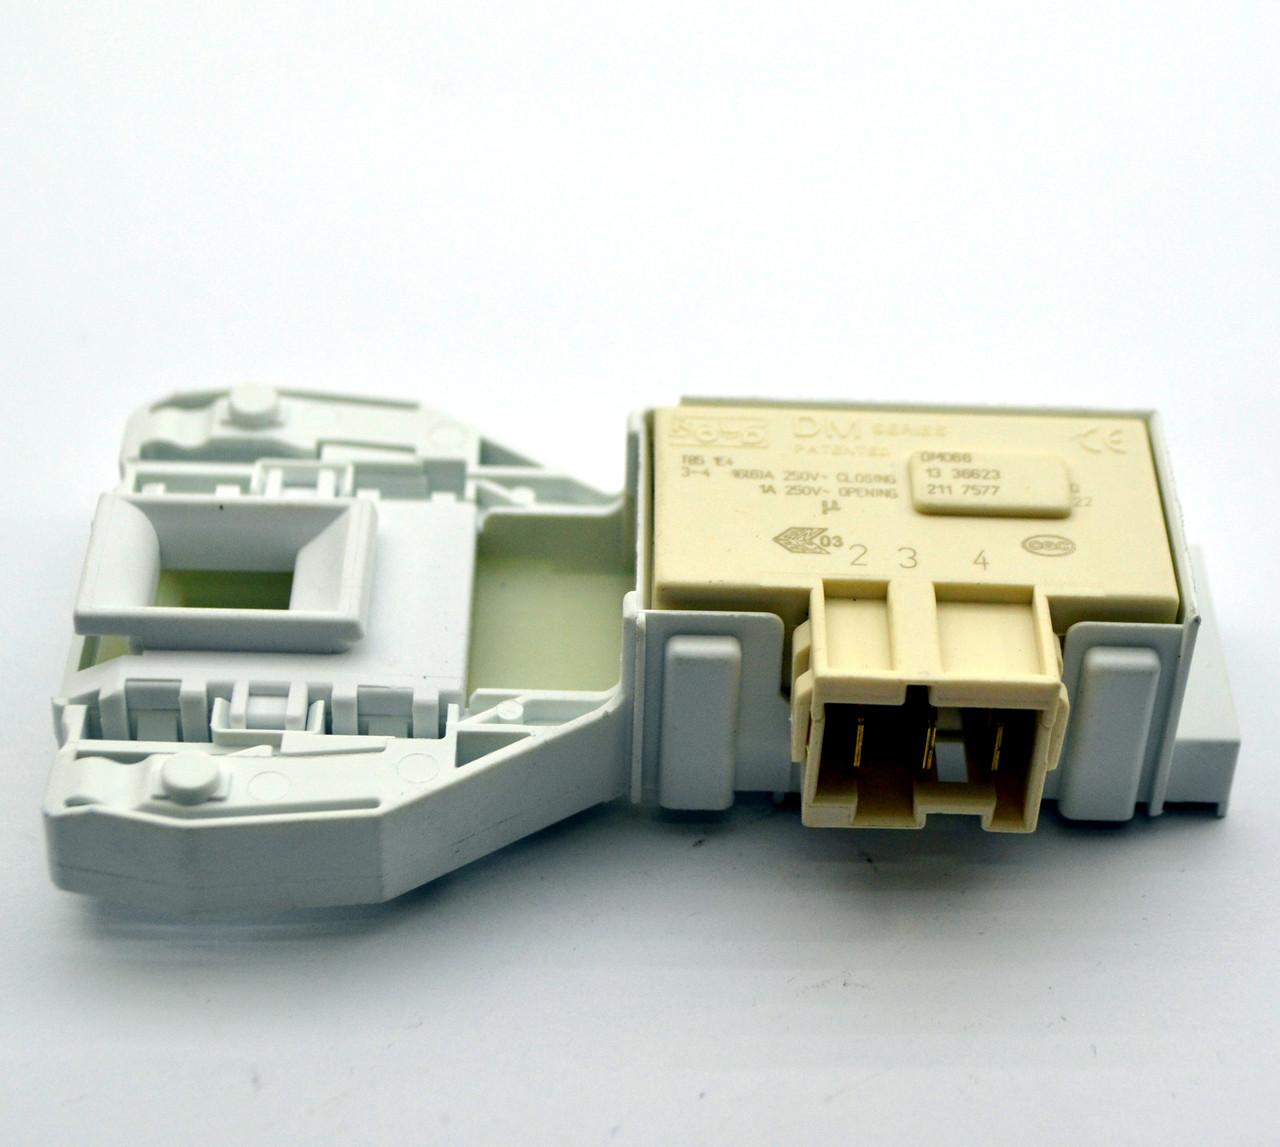 Замок  Indesit C00297327 ROLD DM066 для стиральной машины